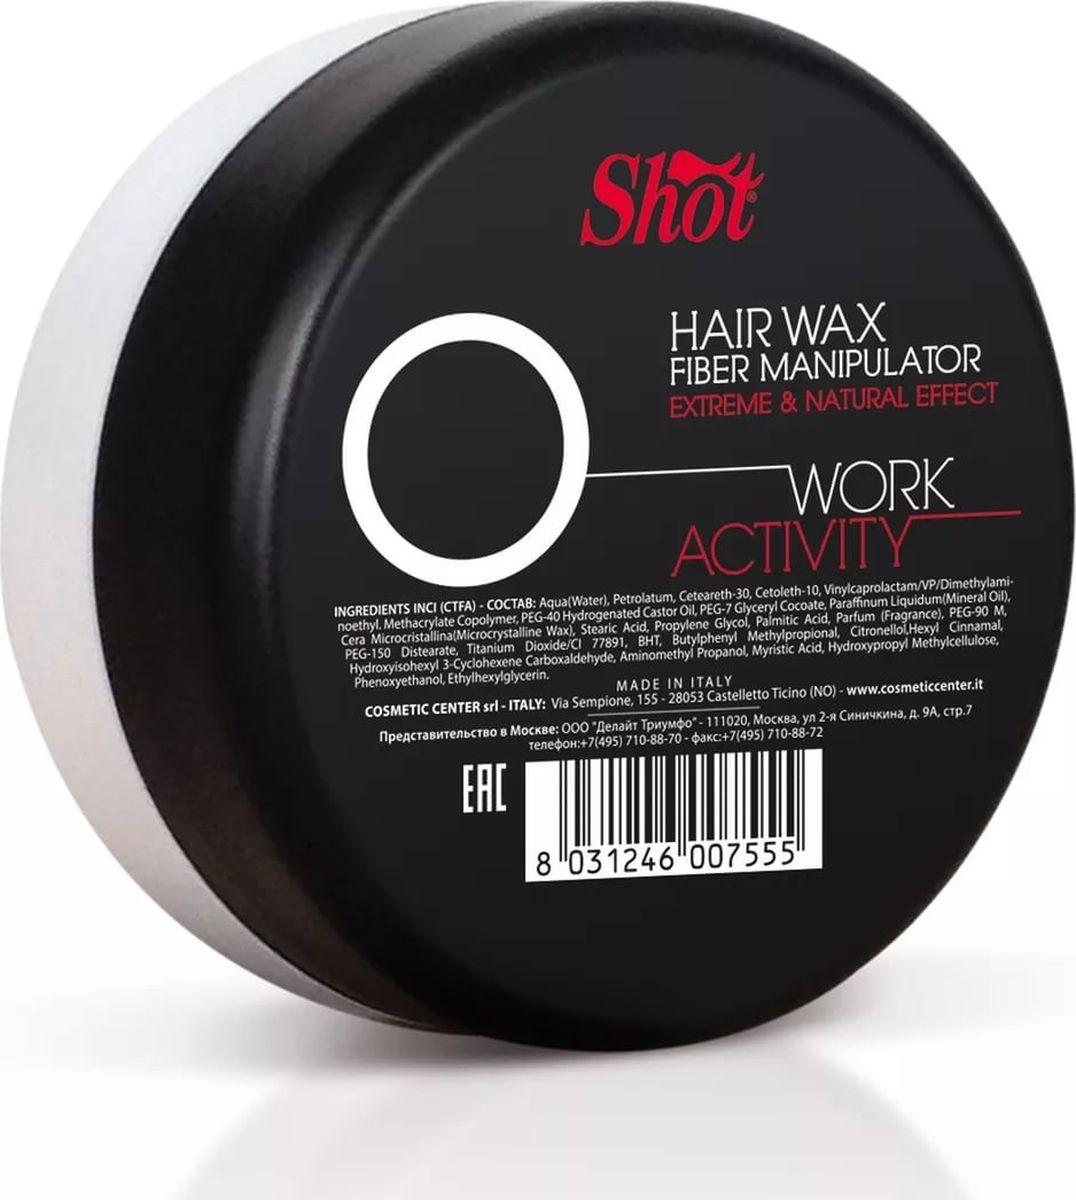 Shot Work Activity Hair Wax Fiber Manipulator - Воск-манипулятор с экстремальным и натуральным эффектом 100 млSHWA112Уникальный продукт объединяющий разные степени фиксации и полноценное ухаживающее средство. Еще никогда стайлинг не приносил столько пользы волосам и не был столь комфортным! Shot Work Activity Wax-Manipulator позволяет: - создавать различные по степени сложности укладки на базе локонов любого типа. - реконструировать и омолаживать пряди по всей длине. - защищать волосы от высоких температур, механических повреждений и плохой экологии. Фиксирующие способности воска Shot Work Activity Wax-Manipulator варьируются в зависимости от количества нанесенного на пряди продукта. Для создания повседневных образов достаточно лишь слегка покрыть локоны средством, а для моделирования сложных и креативных укладок - увеличить порцию воска. Для ухода за прядями состав продукта обогащен натуральным коллагеном, кератином, витаминами, которые достраивают поврежденные участки волосяного стержня, отлично увлажняют и уберегают от негативного внешнего воздействия.